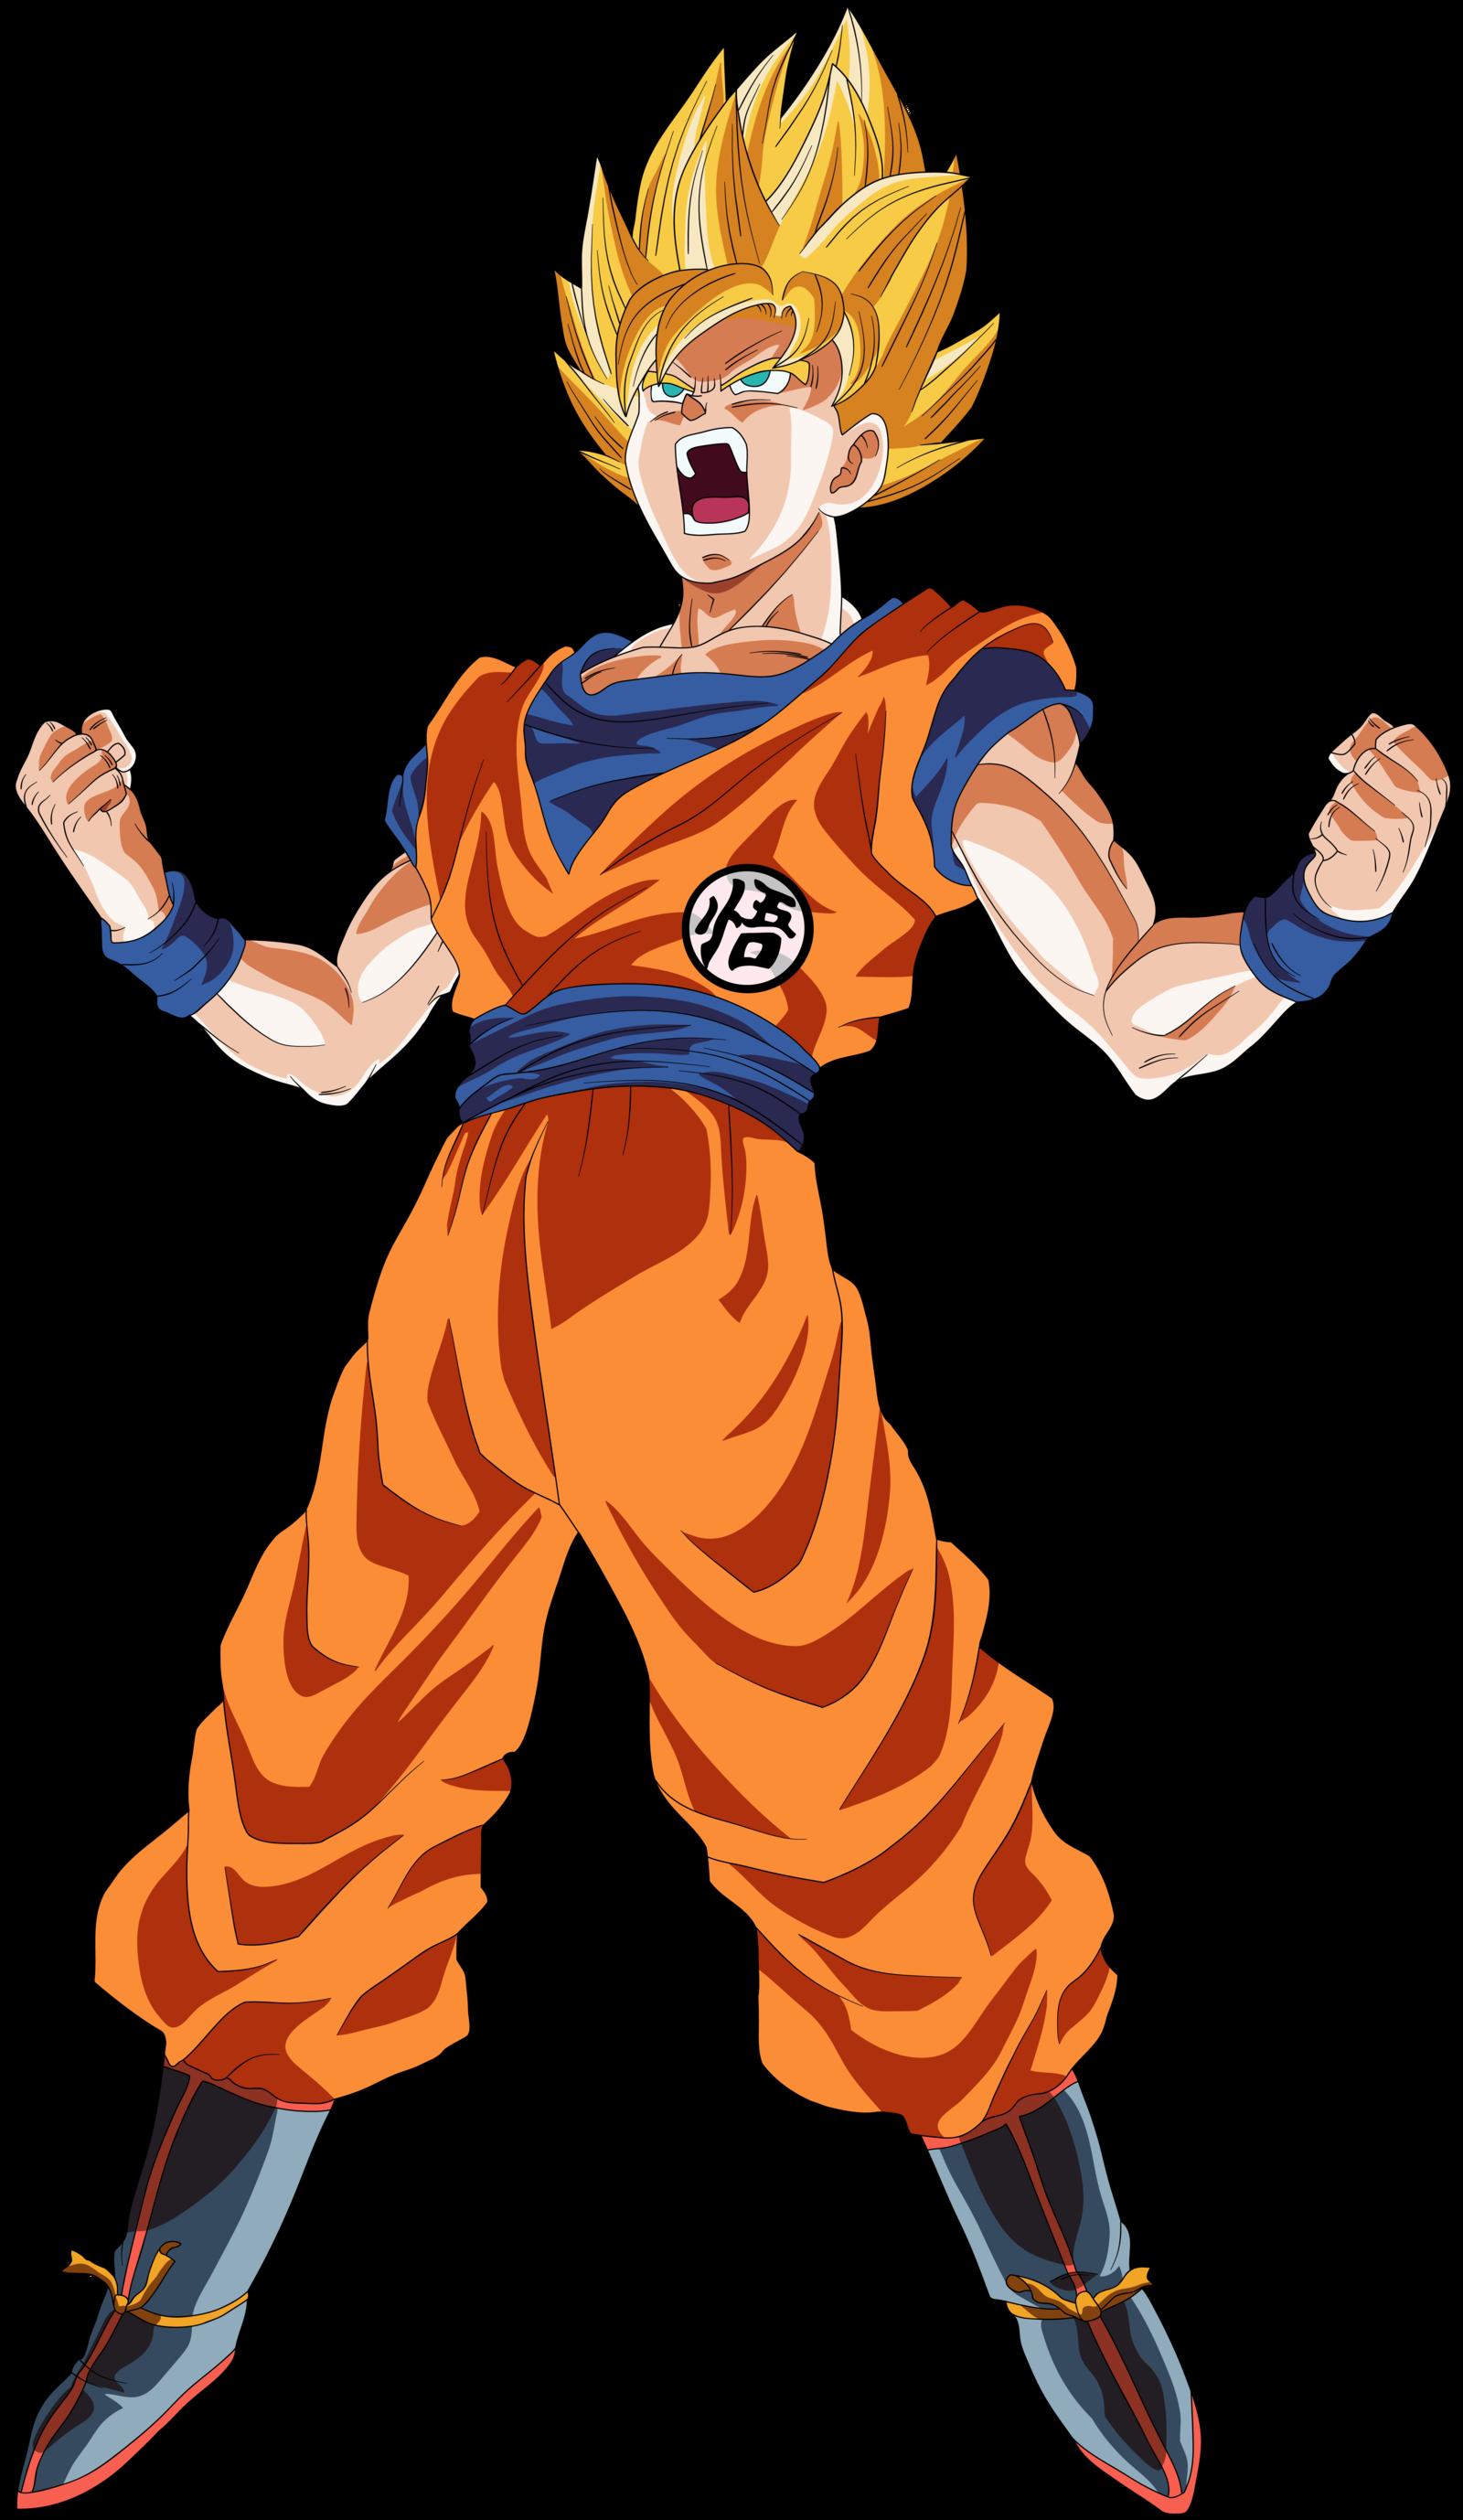 Pin by inoyamanaka2017 on son goku dbz dragon ball goku super saiyan - Goku super sayen ...